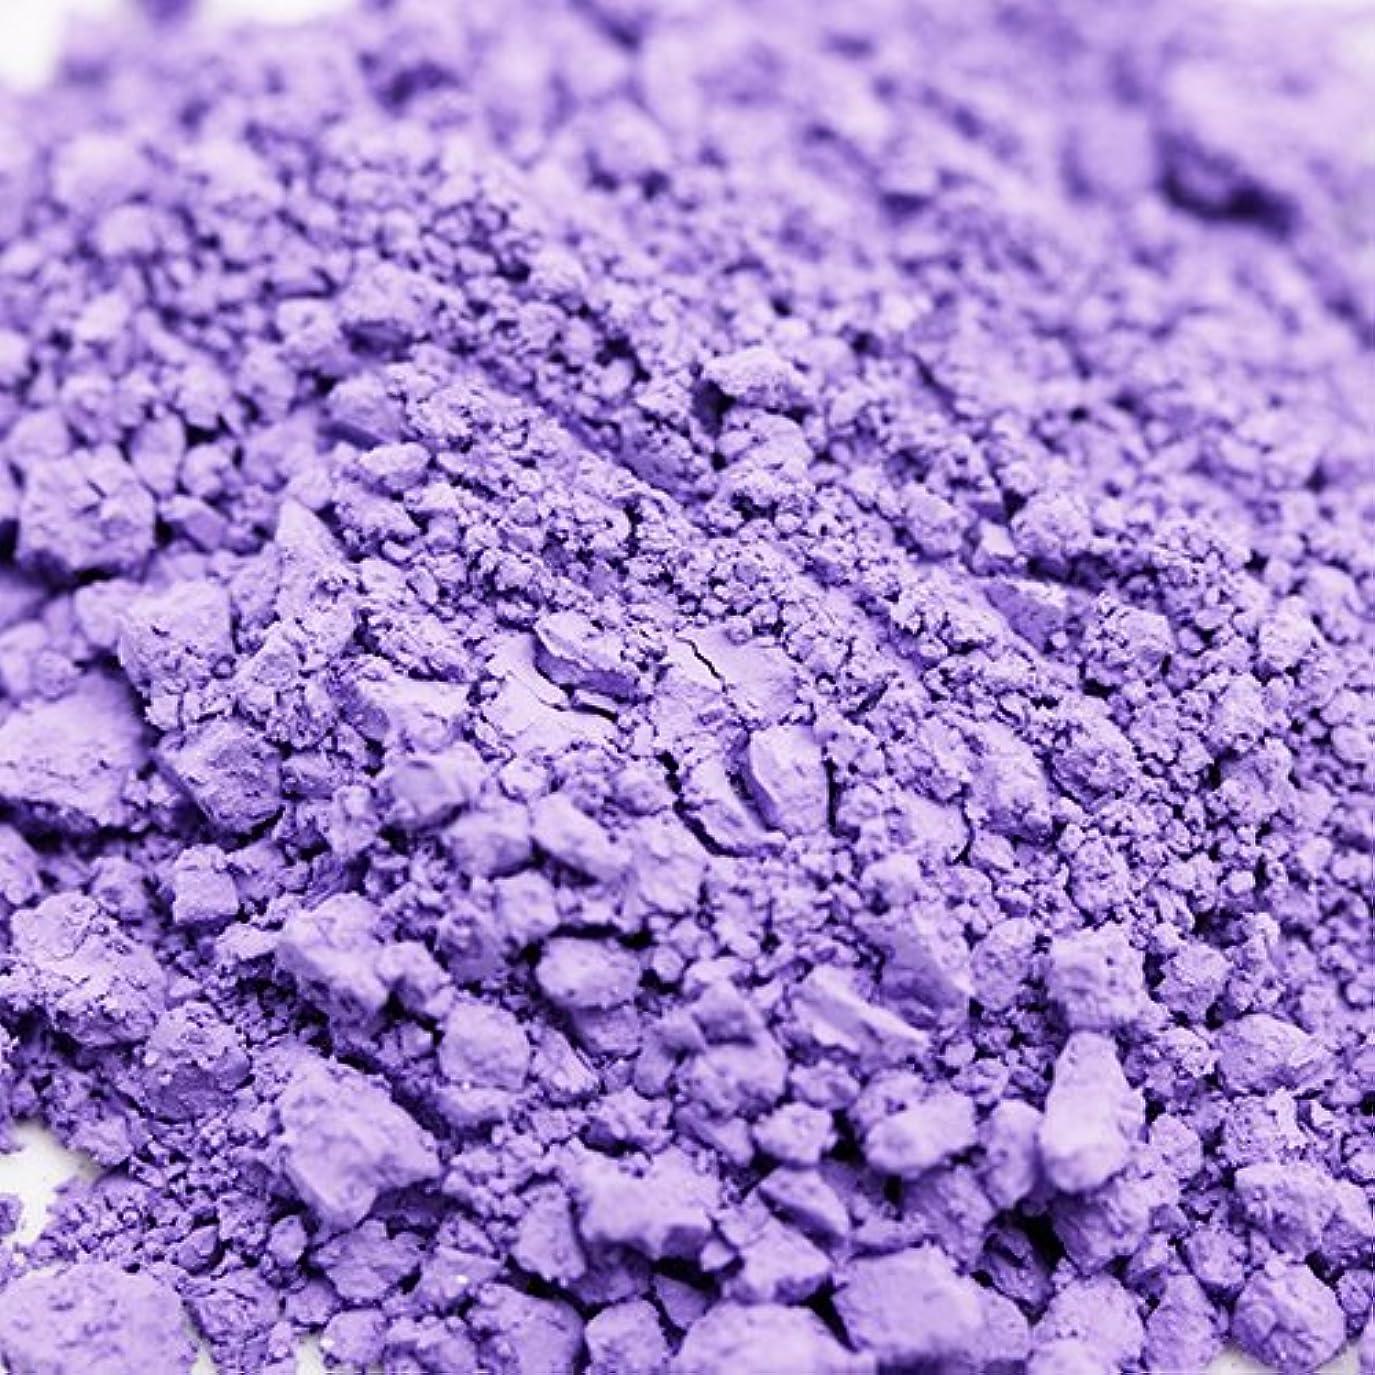 ベット基本的な倒錯ウルトラマリン バイオレット 5g 【手作り石鹸/手作りコスメ/色付け/カラーラント/紫】